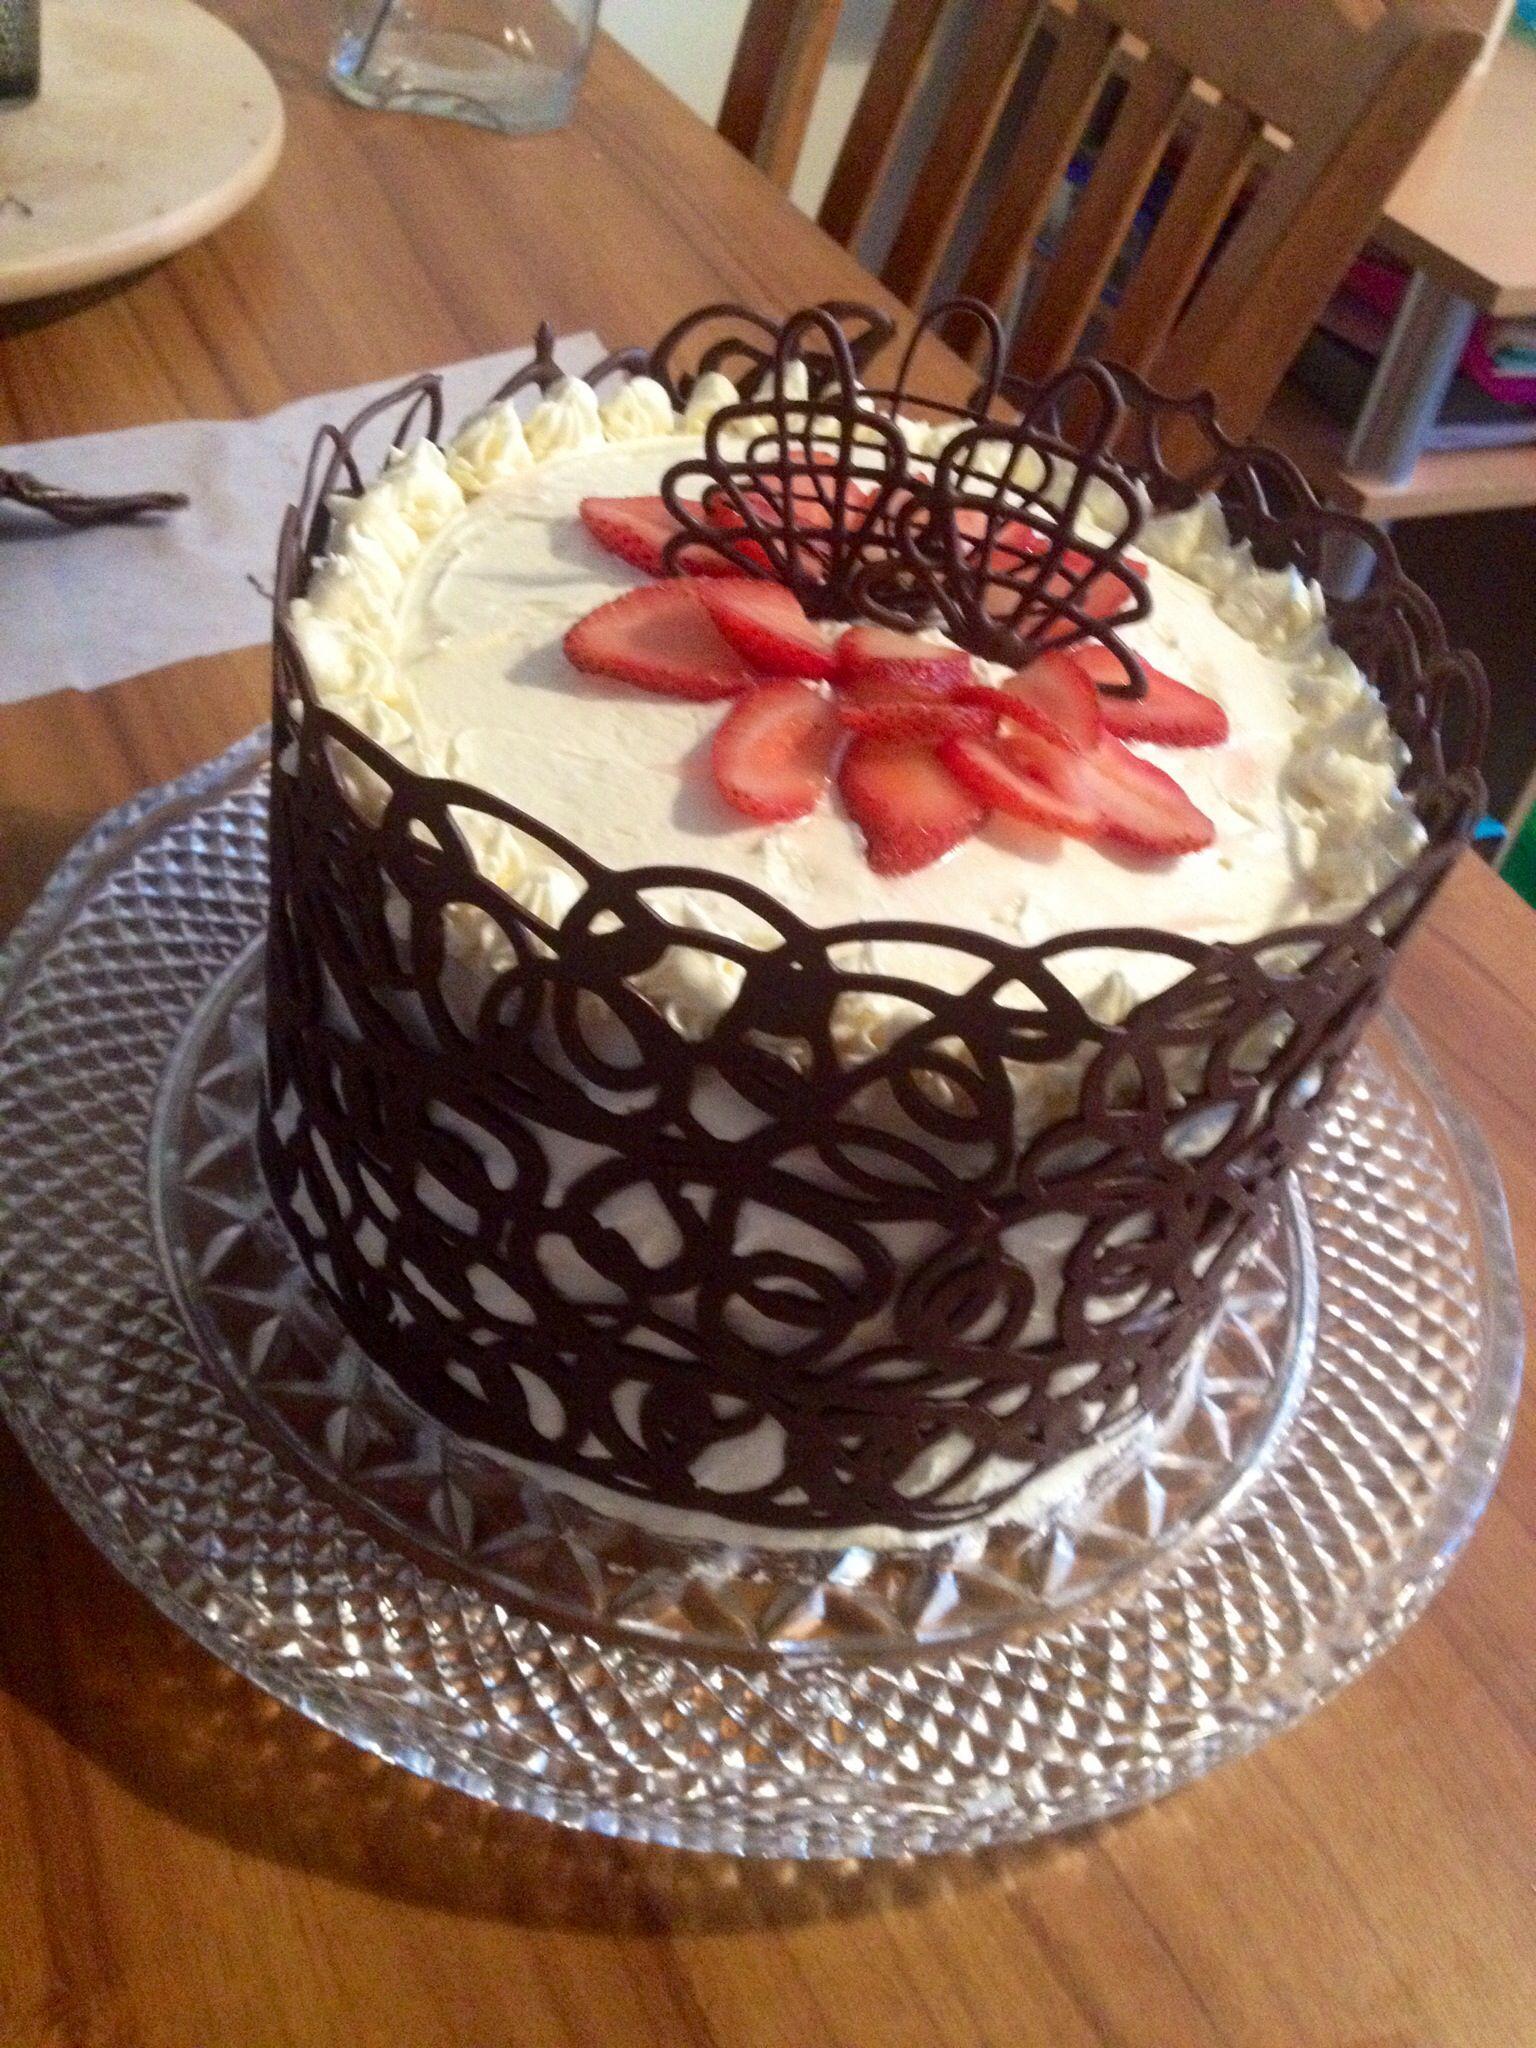 Made by me Strawberries Cream birthday cake with dark chocolate